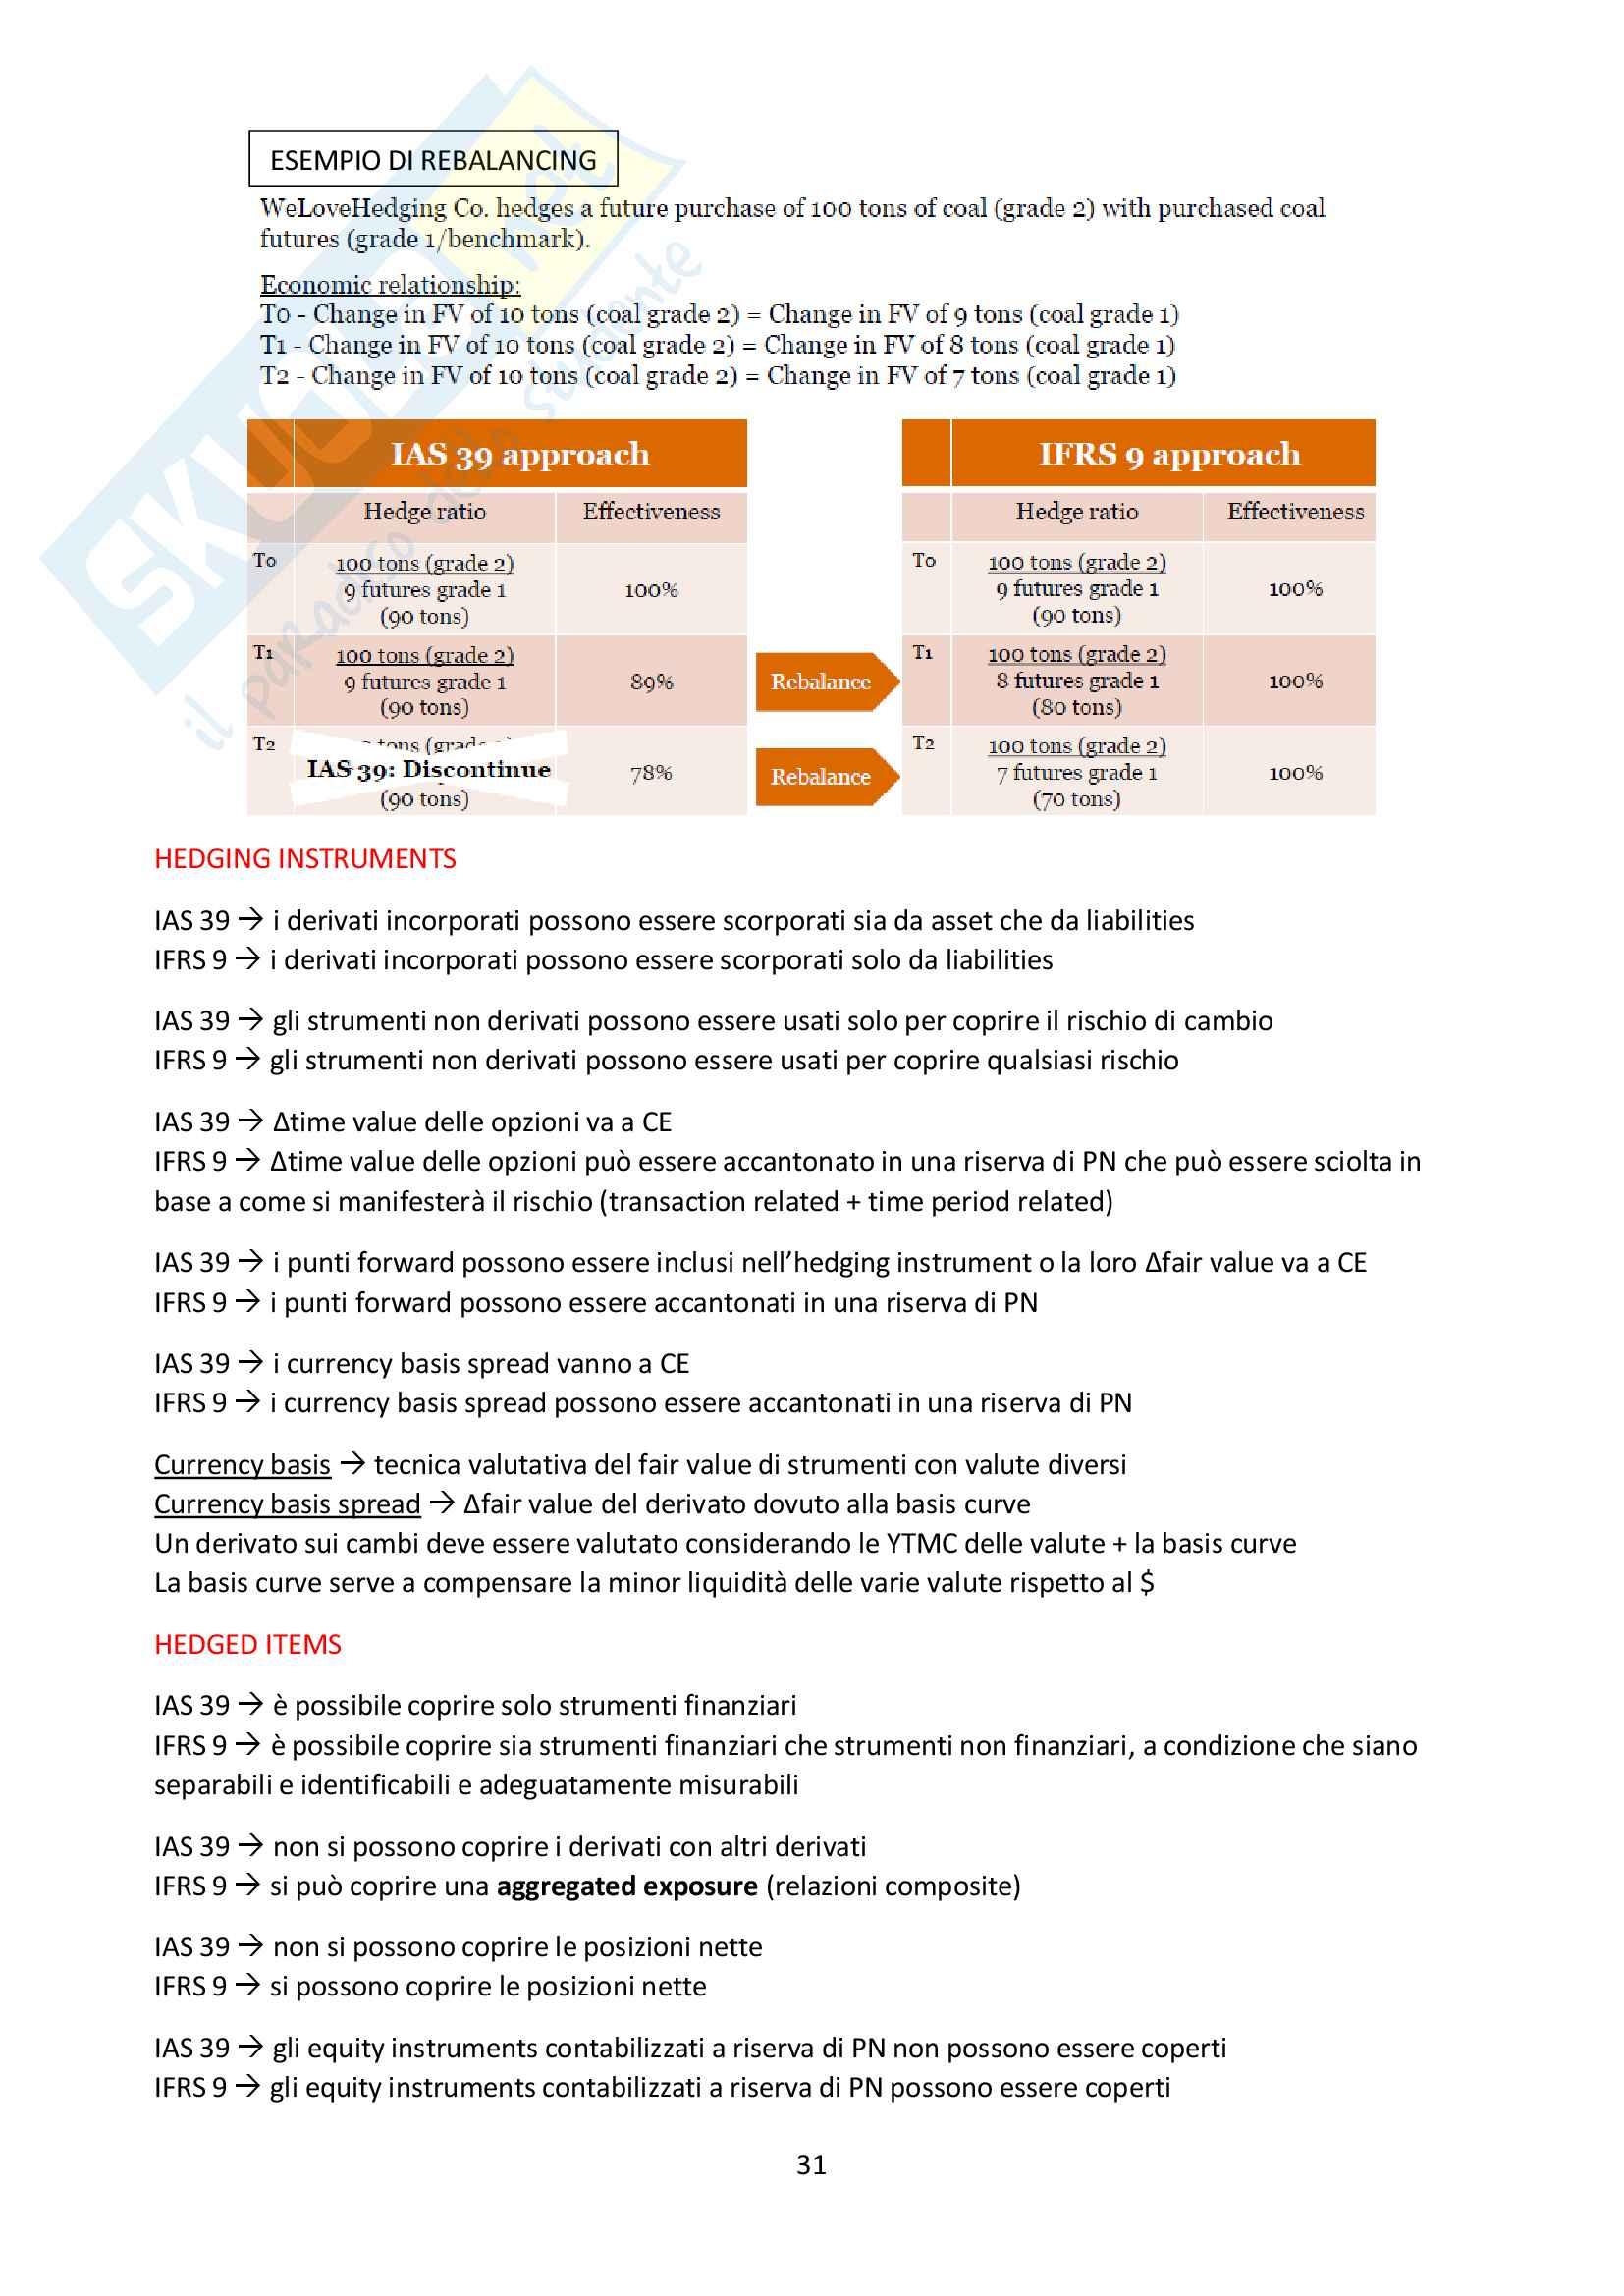 Riassunto di Financial Risk Management Pag. 31